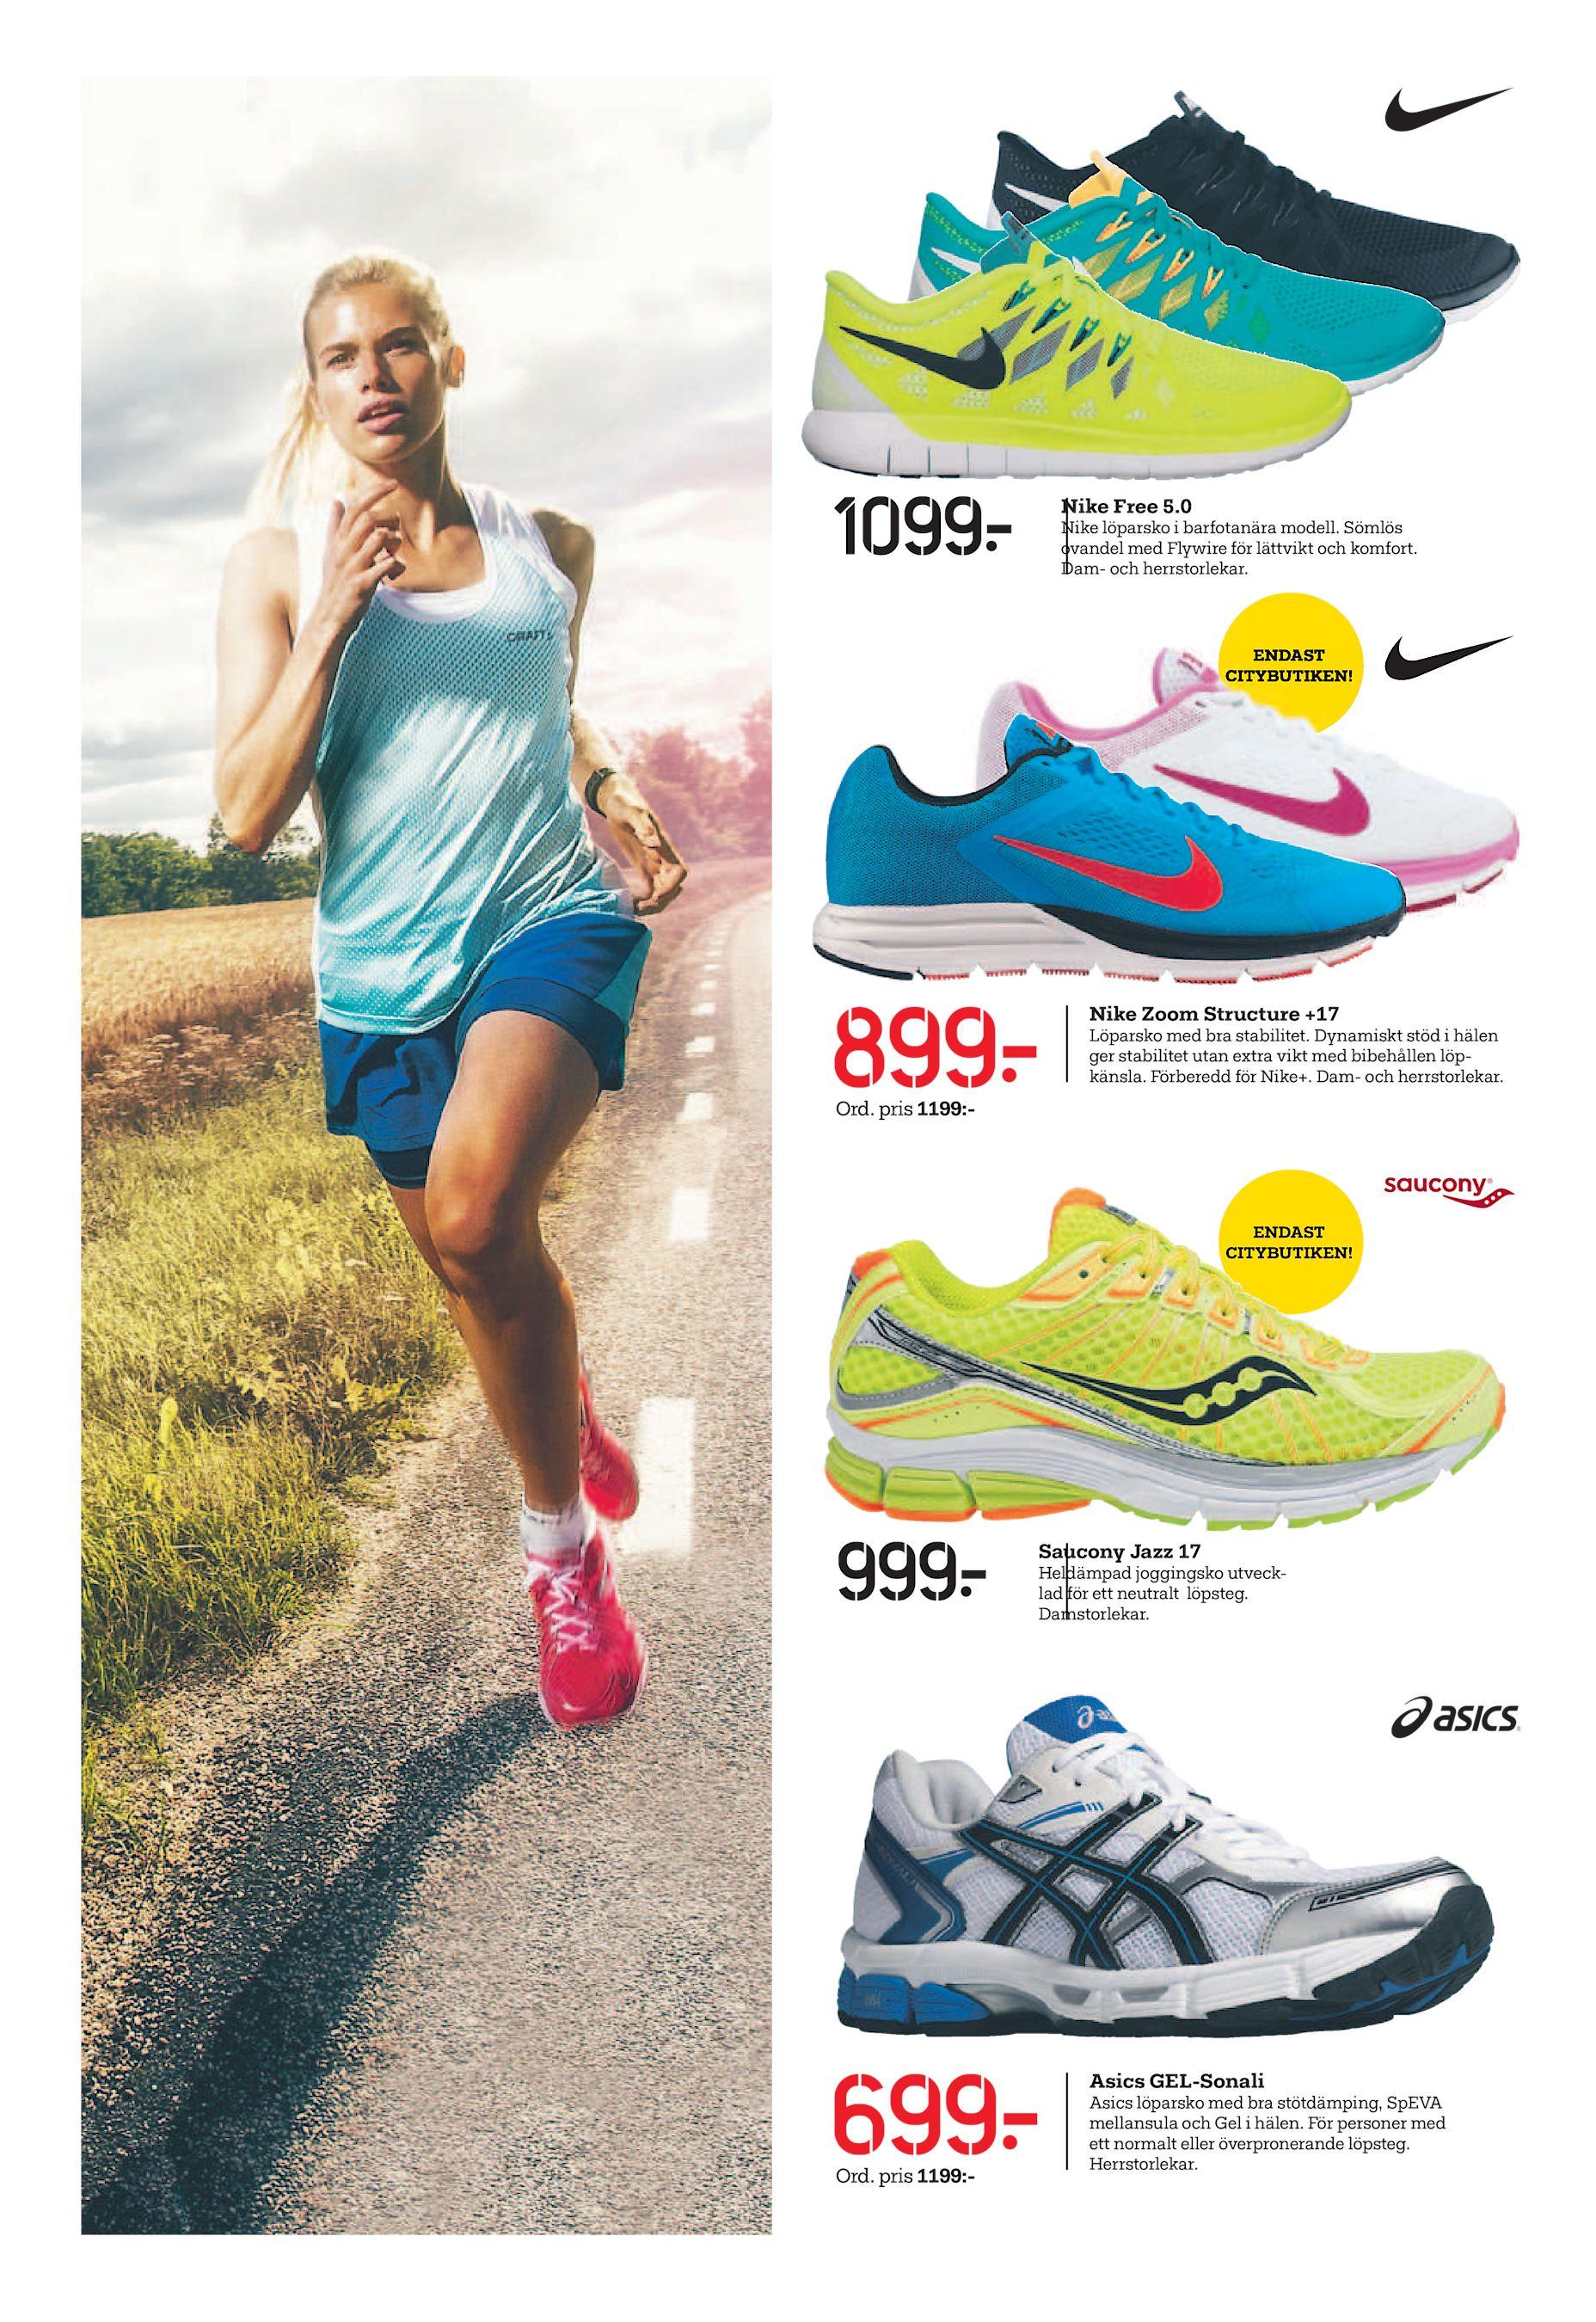 best service f256b 28edf 1099  Nike Free 5.0 Nike löparsko i barfotanära modell. Sömlös ovandel med  Flywire för lättvikt och komfort. Dam- och herrstorlekar. 7 ENDAST  CITYBUTIKEN!